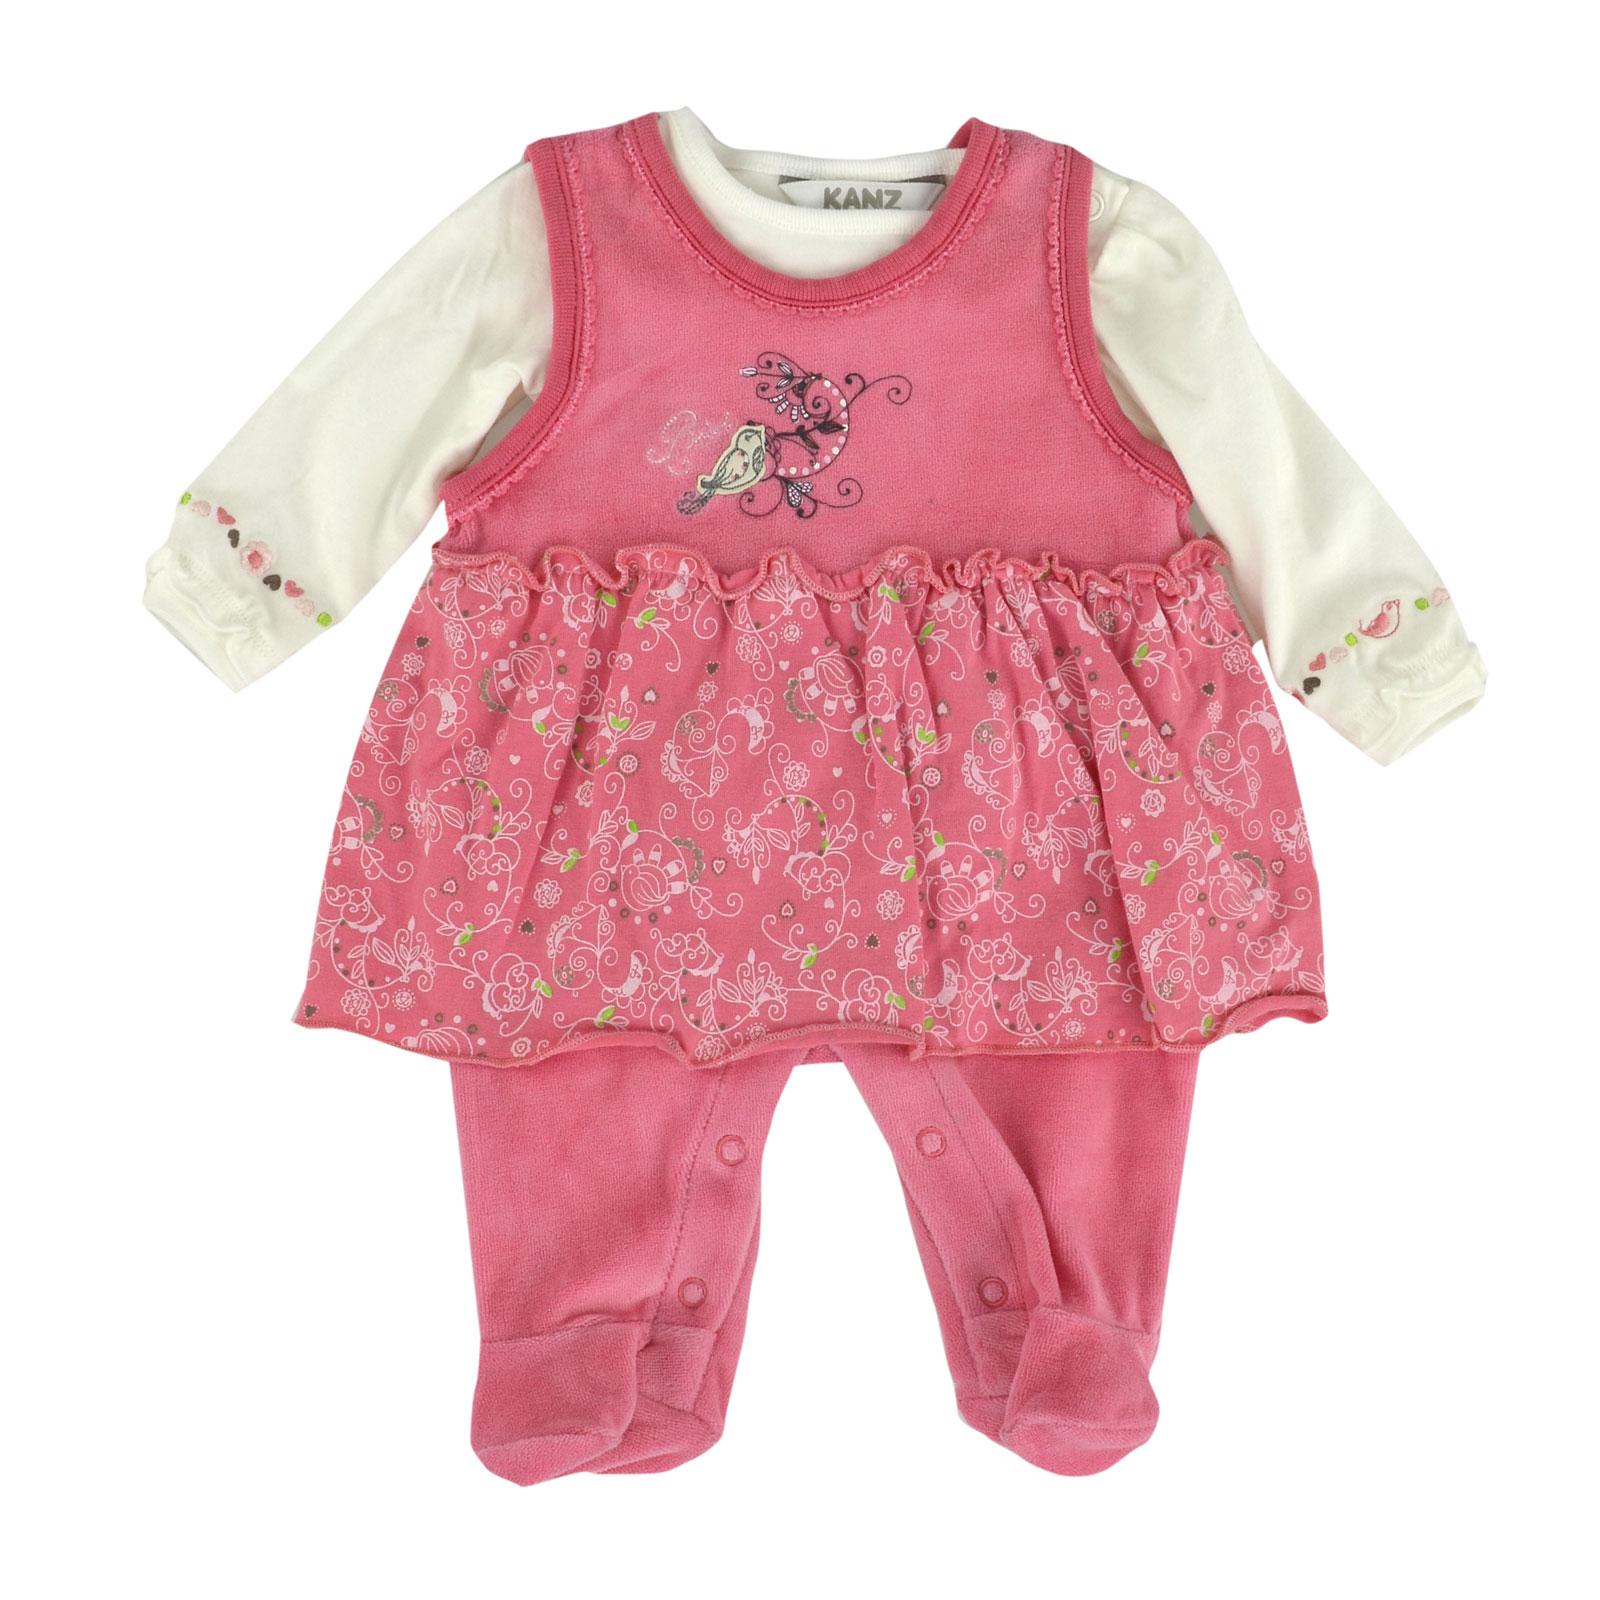 babykleidung online shop baby born puppen im spielwaren online shop von spielzeug24 baby. Black Bedroom Furniture Sets. Home Design Ideas